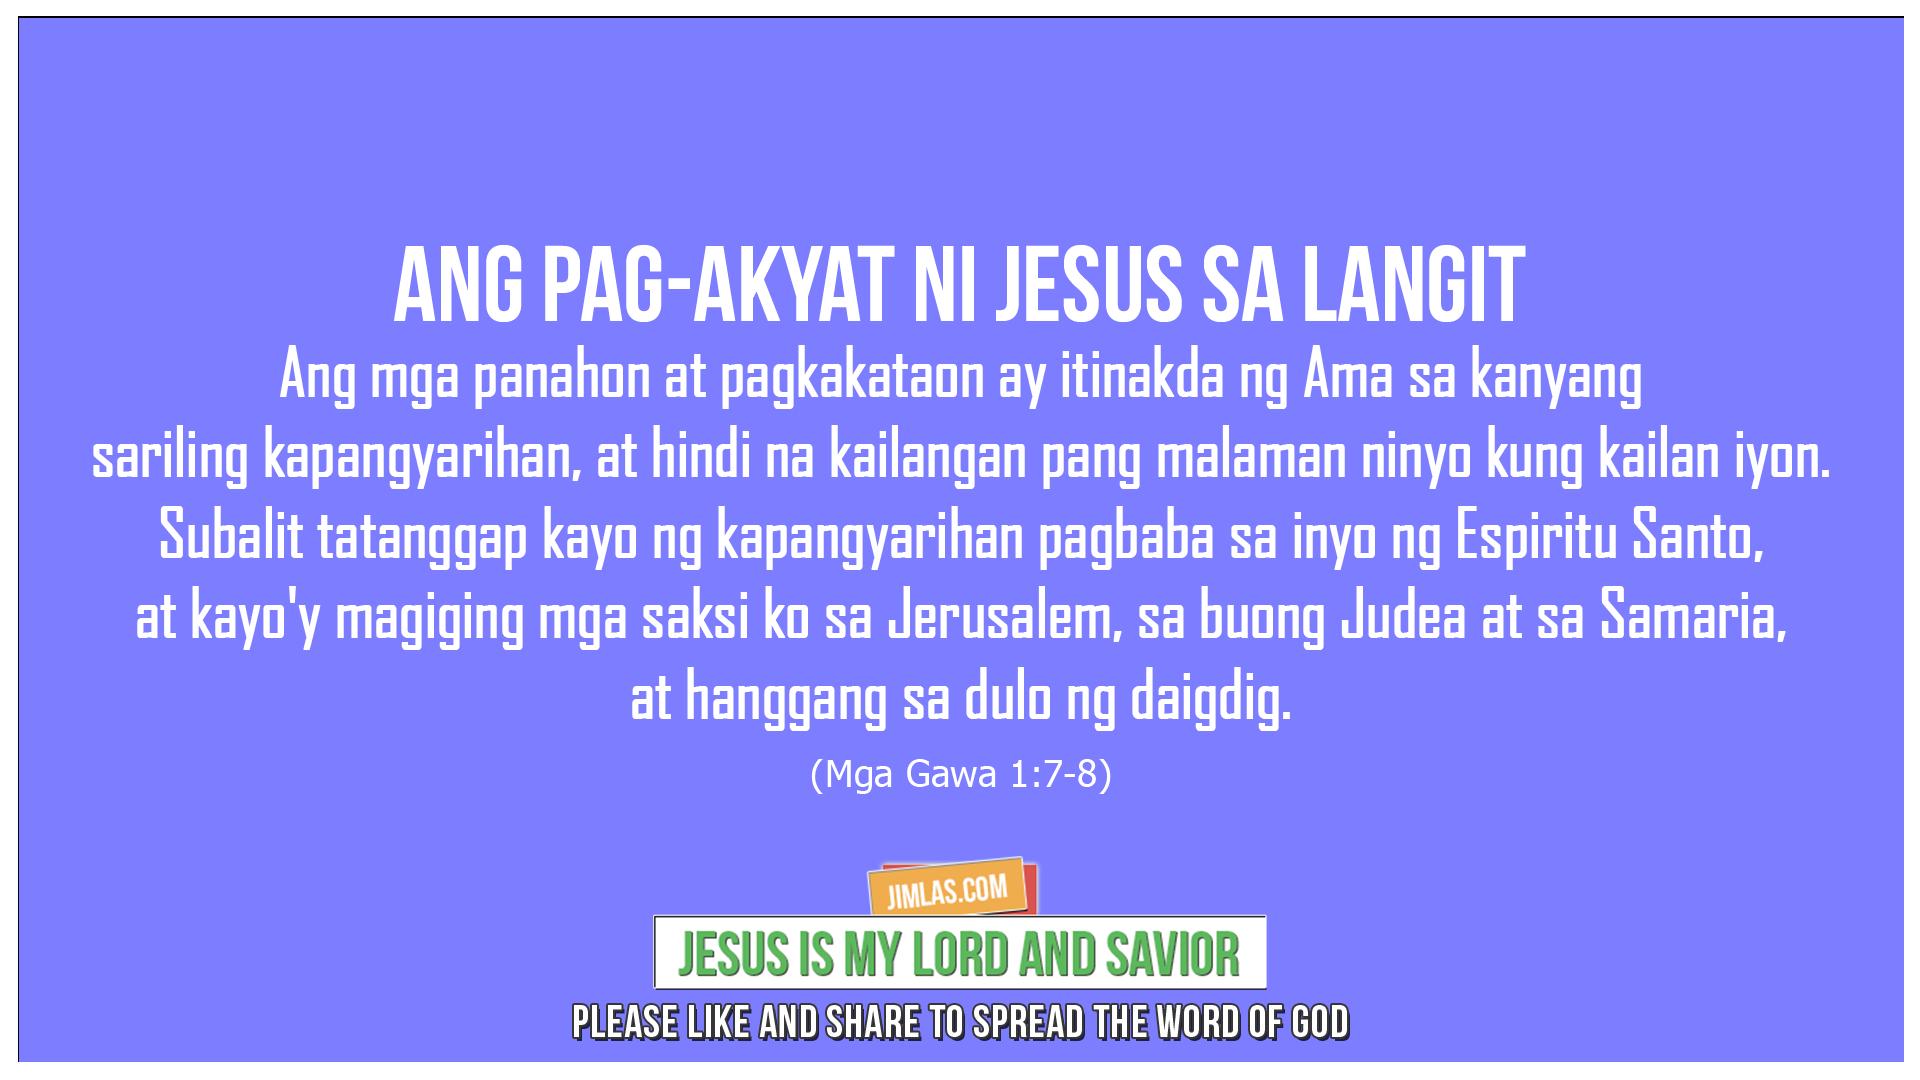 Mga Gawa 1:7-8, Mga Gawa 1:7-8